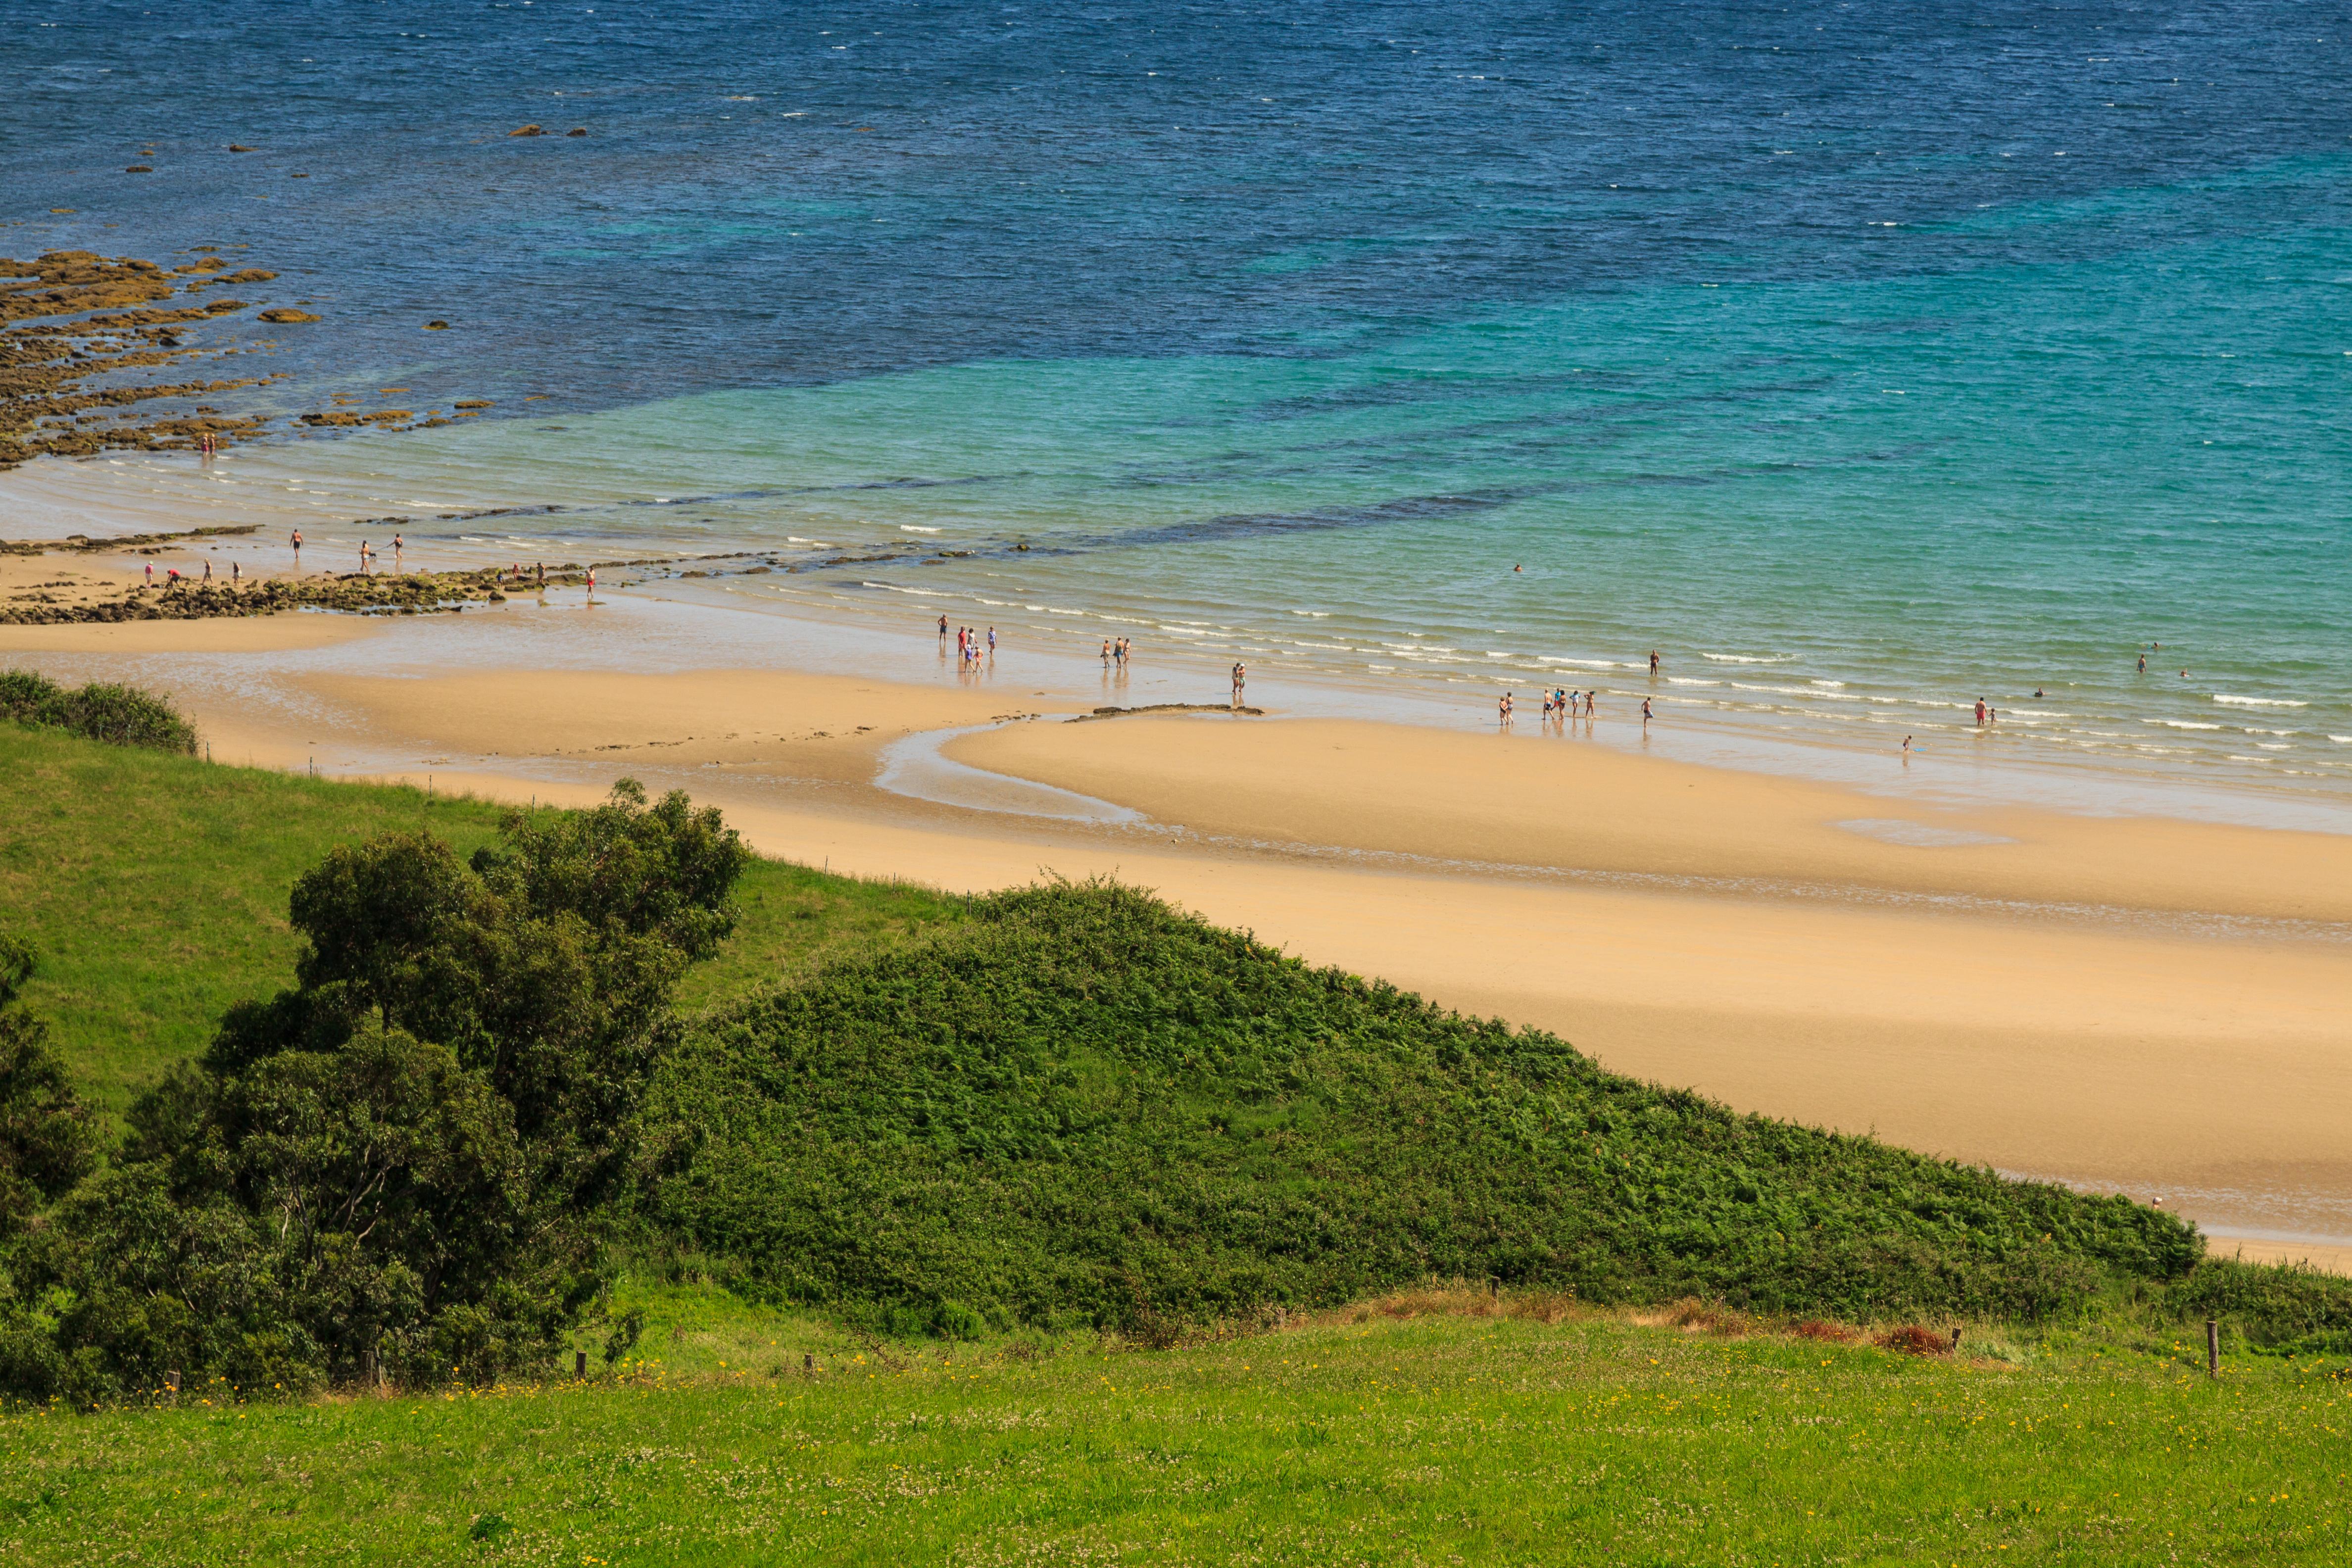 Es uno de los ecosistemas dunares vírgenes del litoral Cantábrico. Foto: Shutterstock.